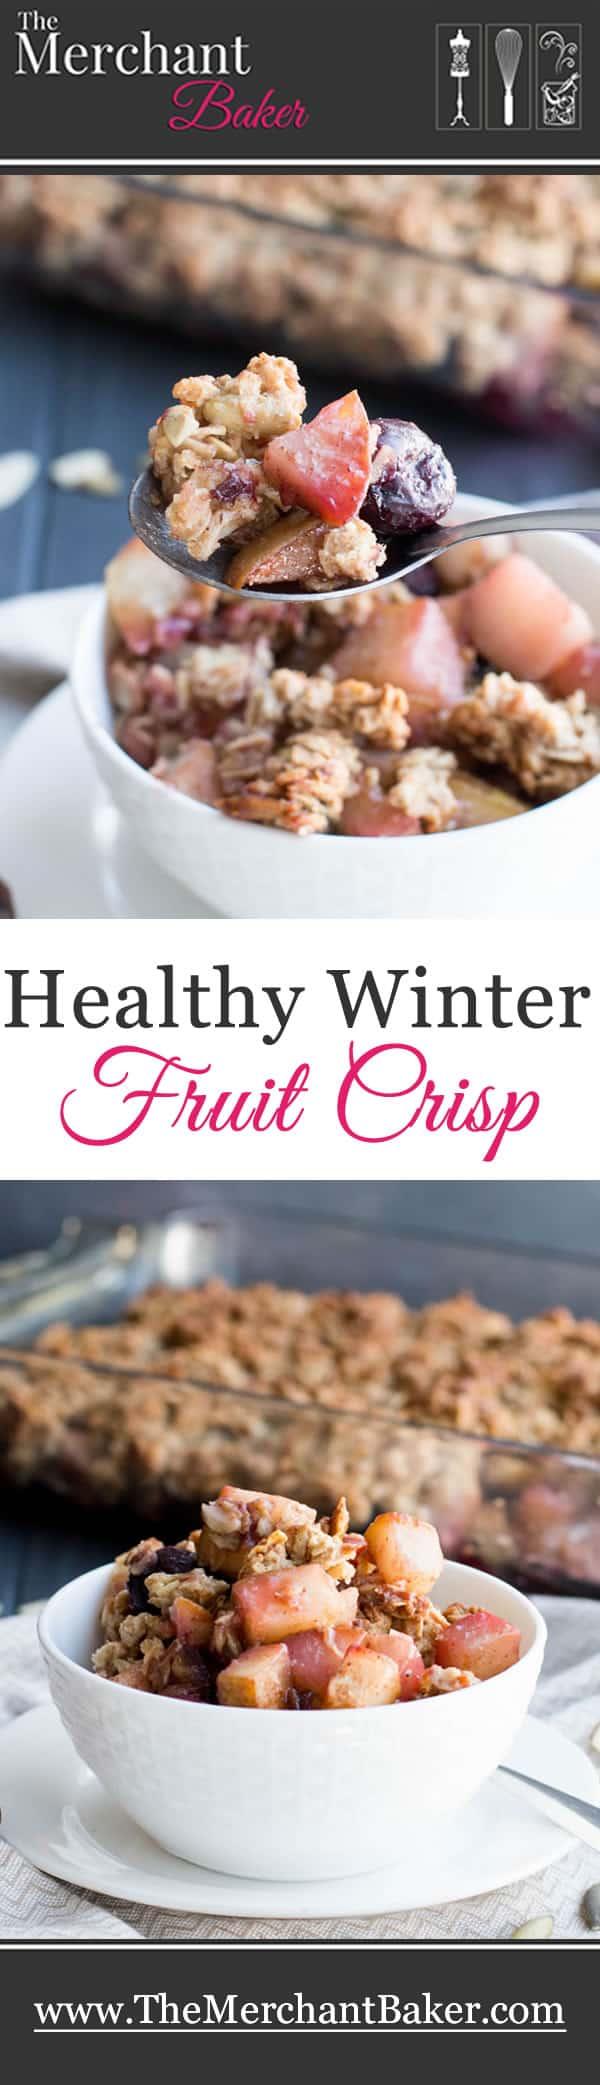 Healthy Winter Fruit Crisp